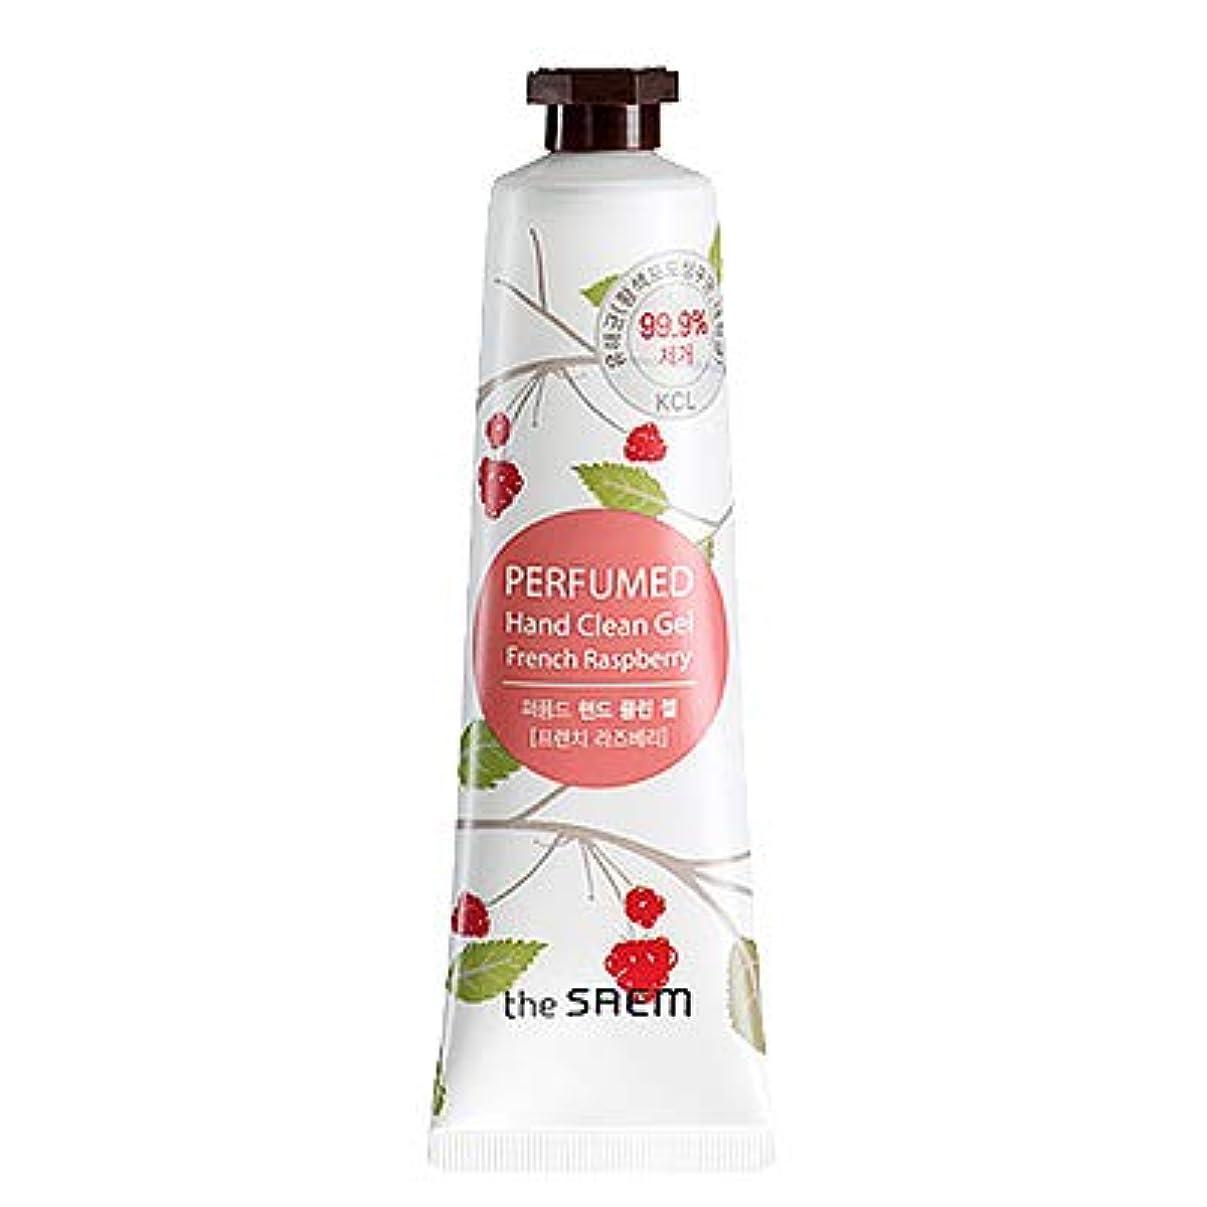 アジアリンス詩人theSAEM ザセム パヒューム ハンド クリーン ジェル PERFUMED HAND CLEAN GEL CREAM 韓国コスメ (F-French Raspberry(フレンチラズベリー))